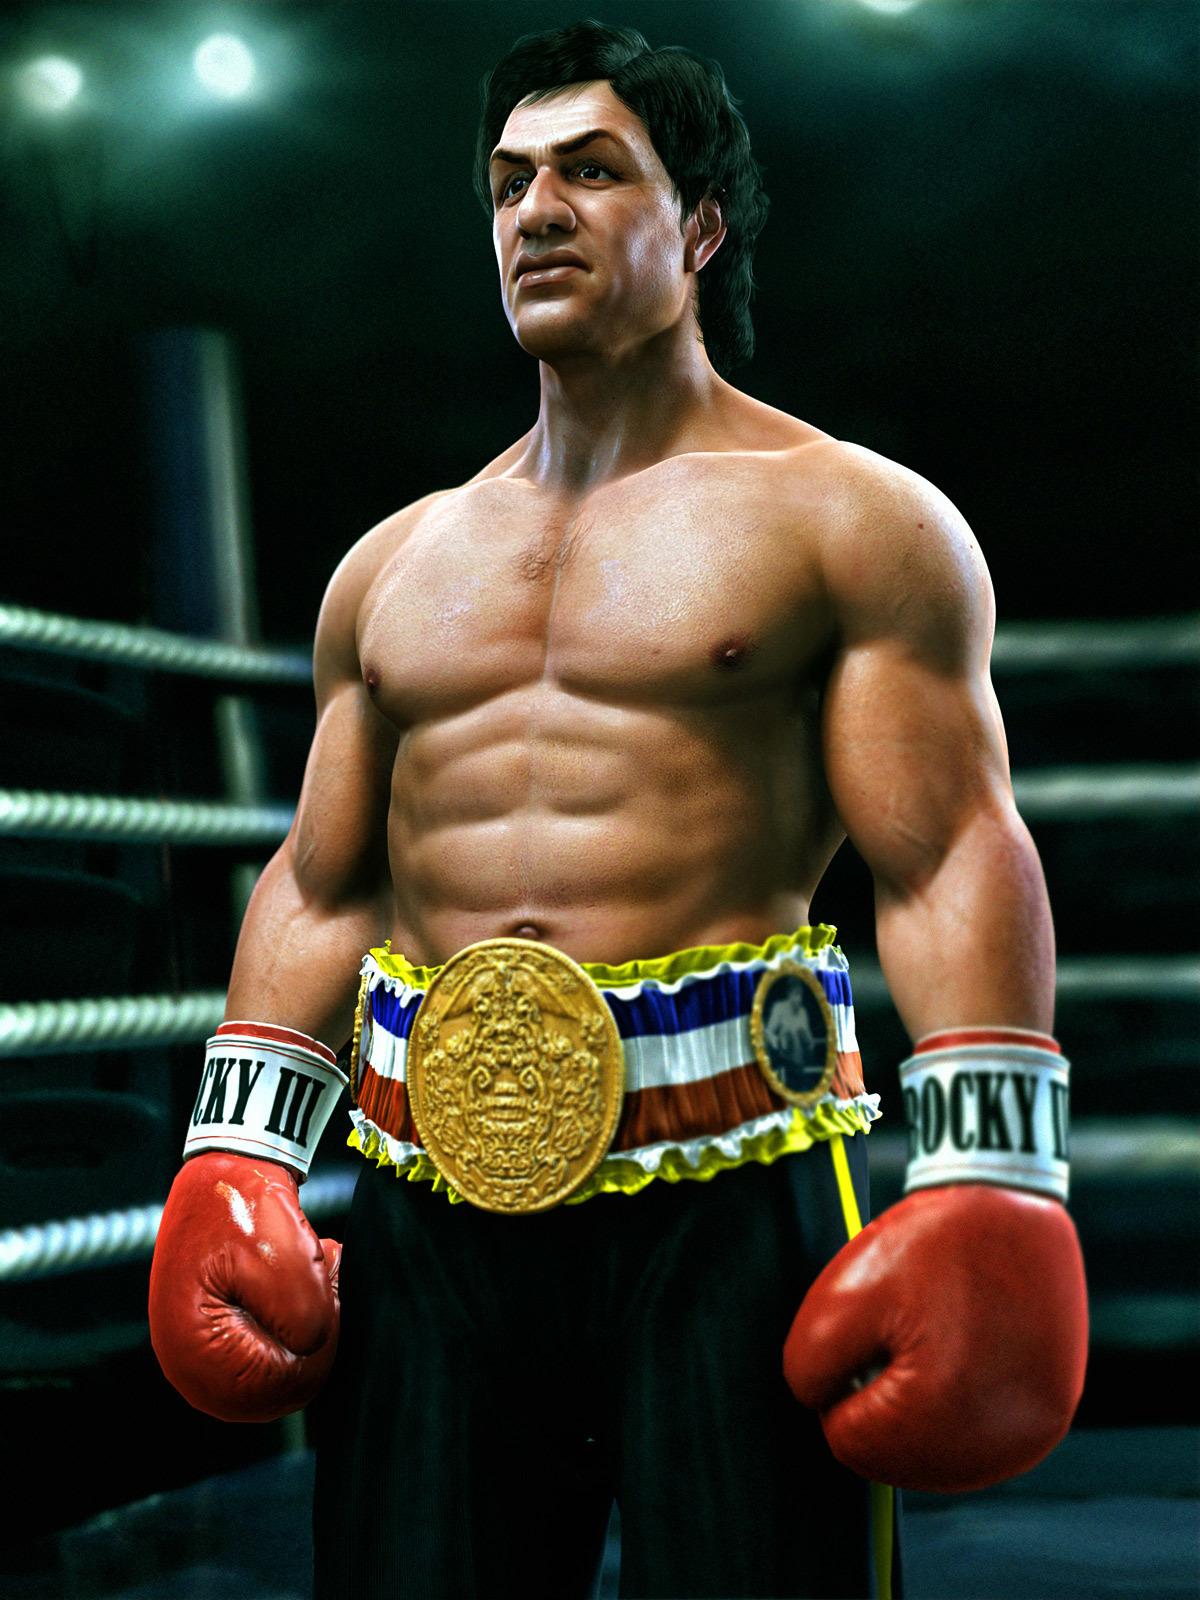 Lixiaodong boxer 1 3988c293 jzs6